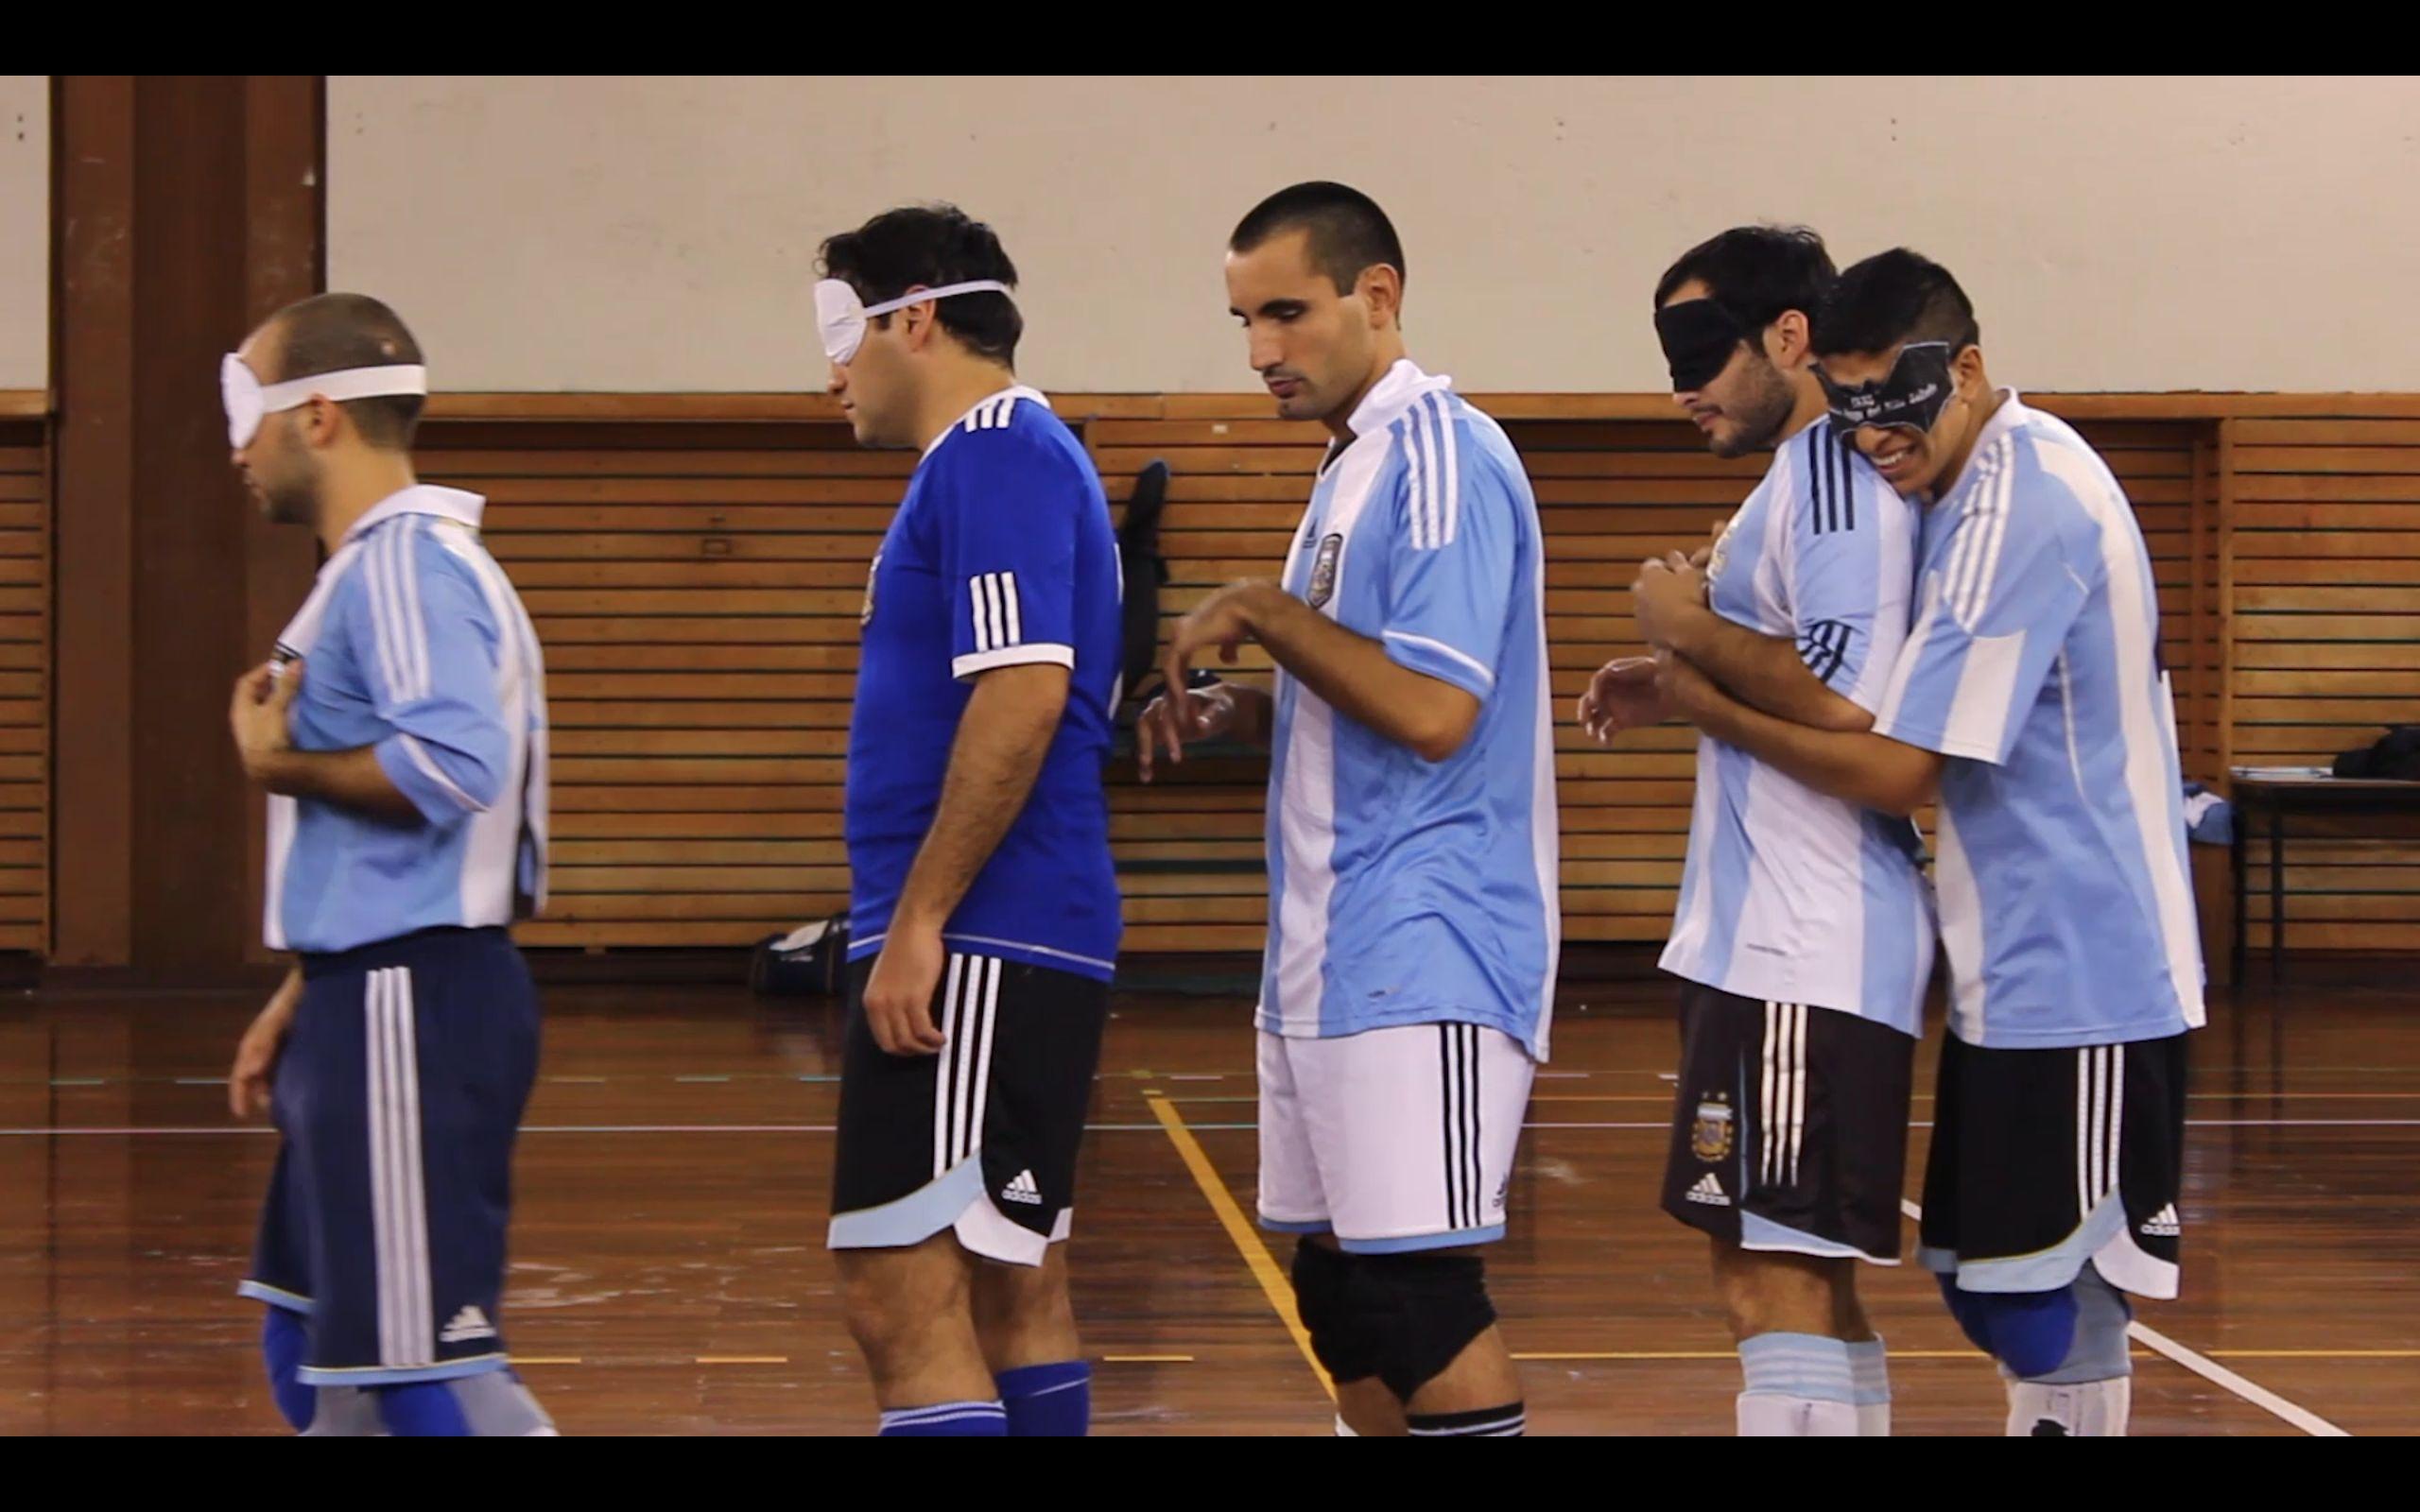 argentina blind futbol team